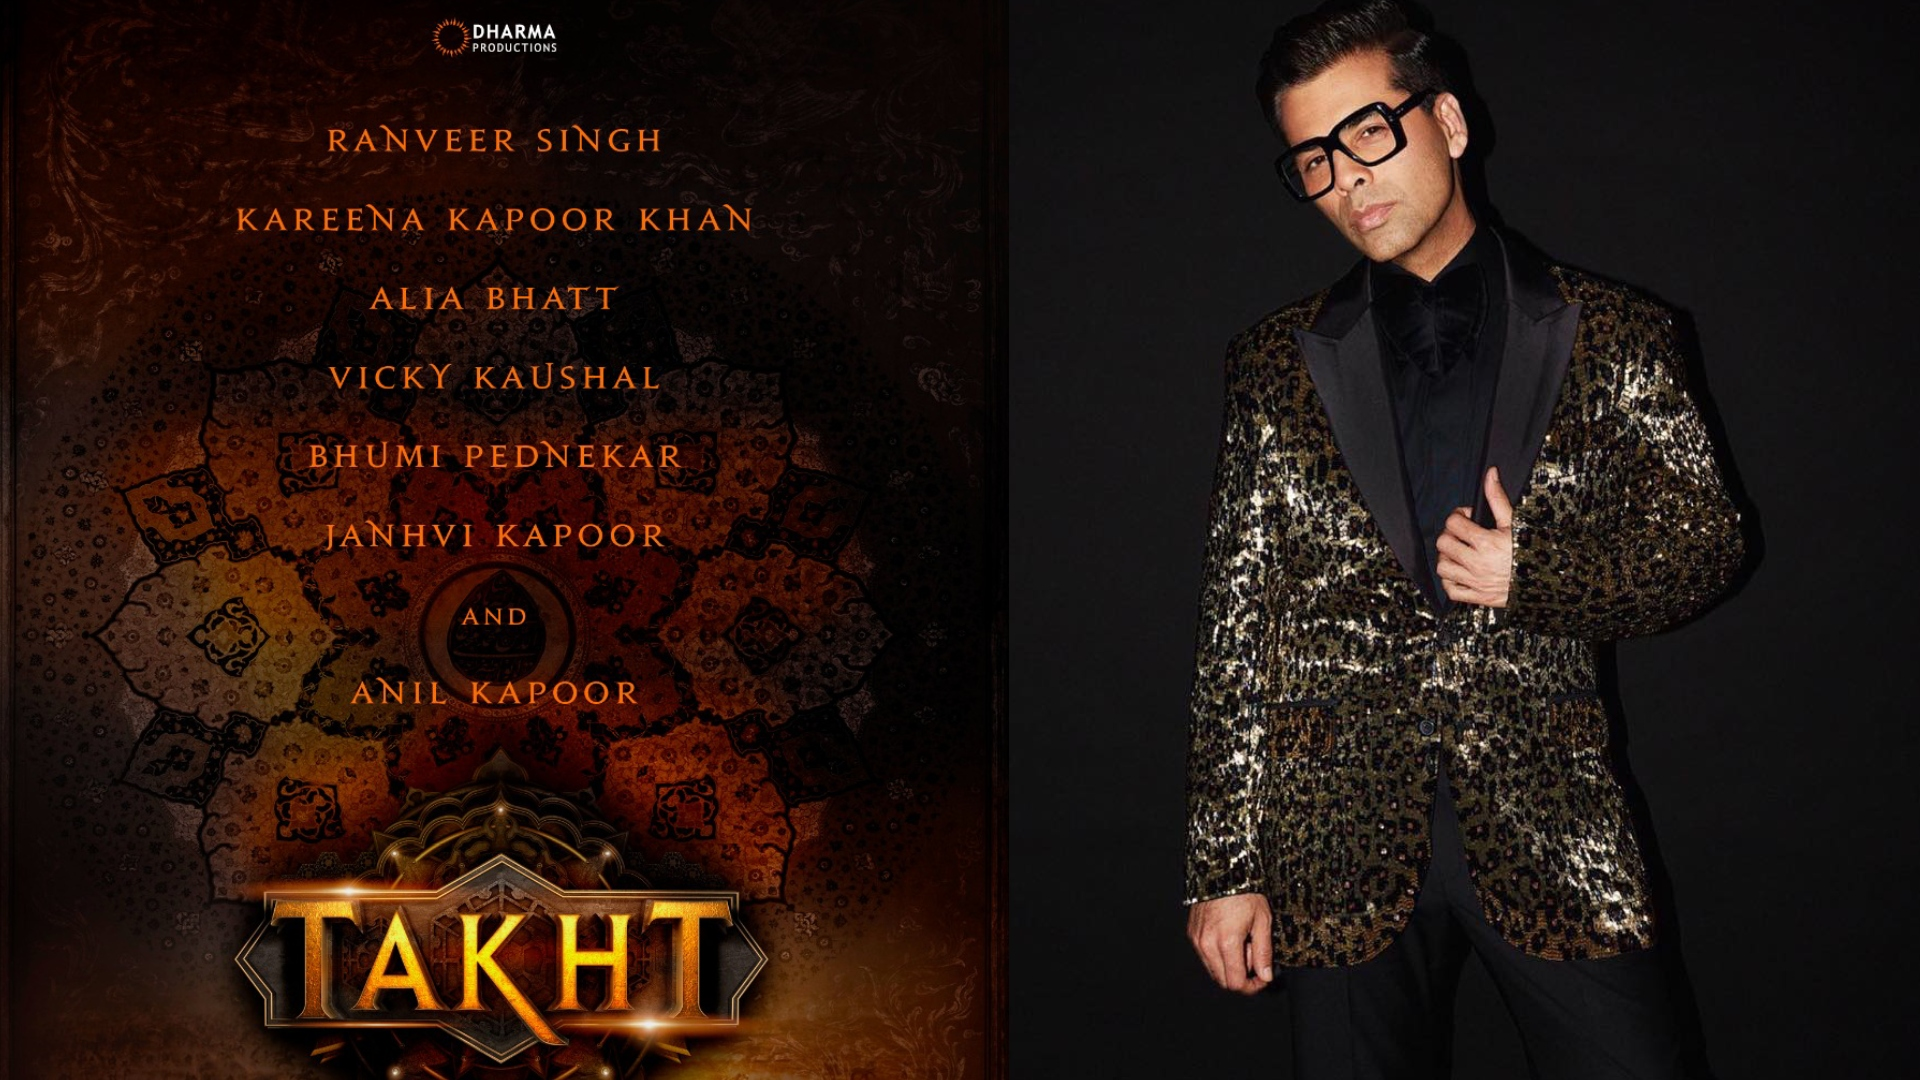 Takht Movie: करण जौहर ने बढ़ाई फिल्म तख्त की रिलीज डेट, अब इस दिन बड़े पर्दे पर देगी दस्तक